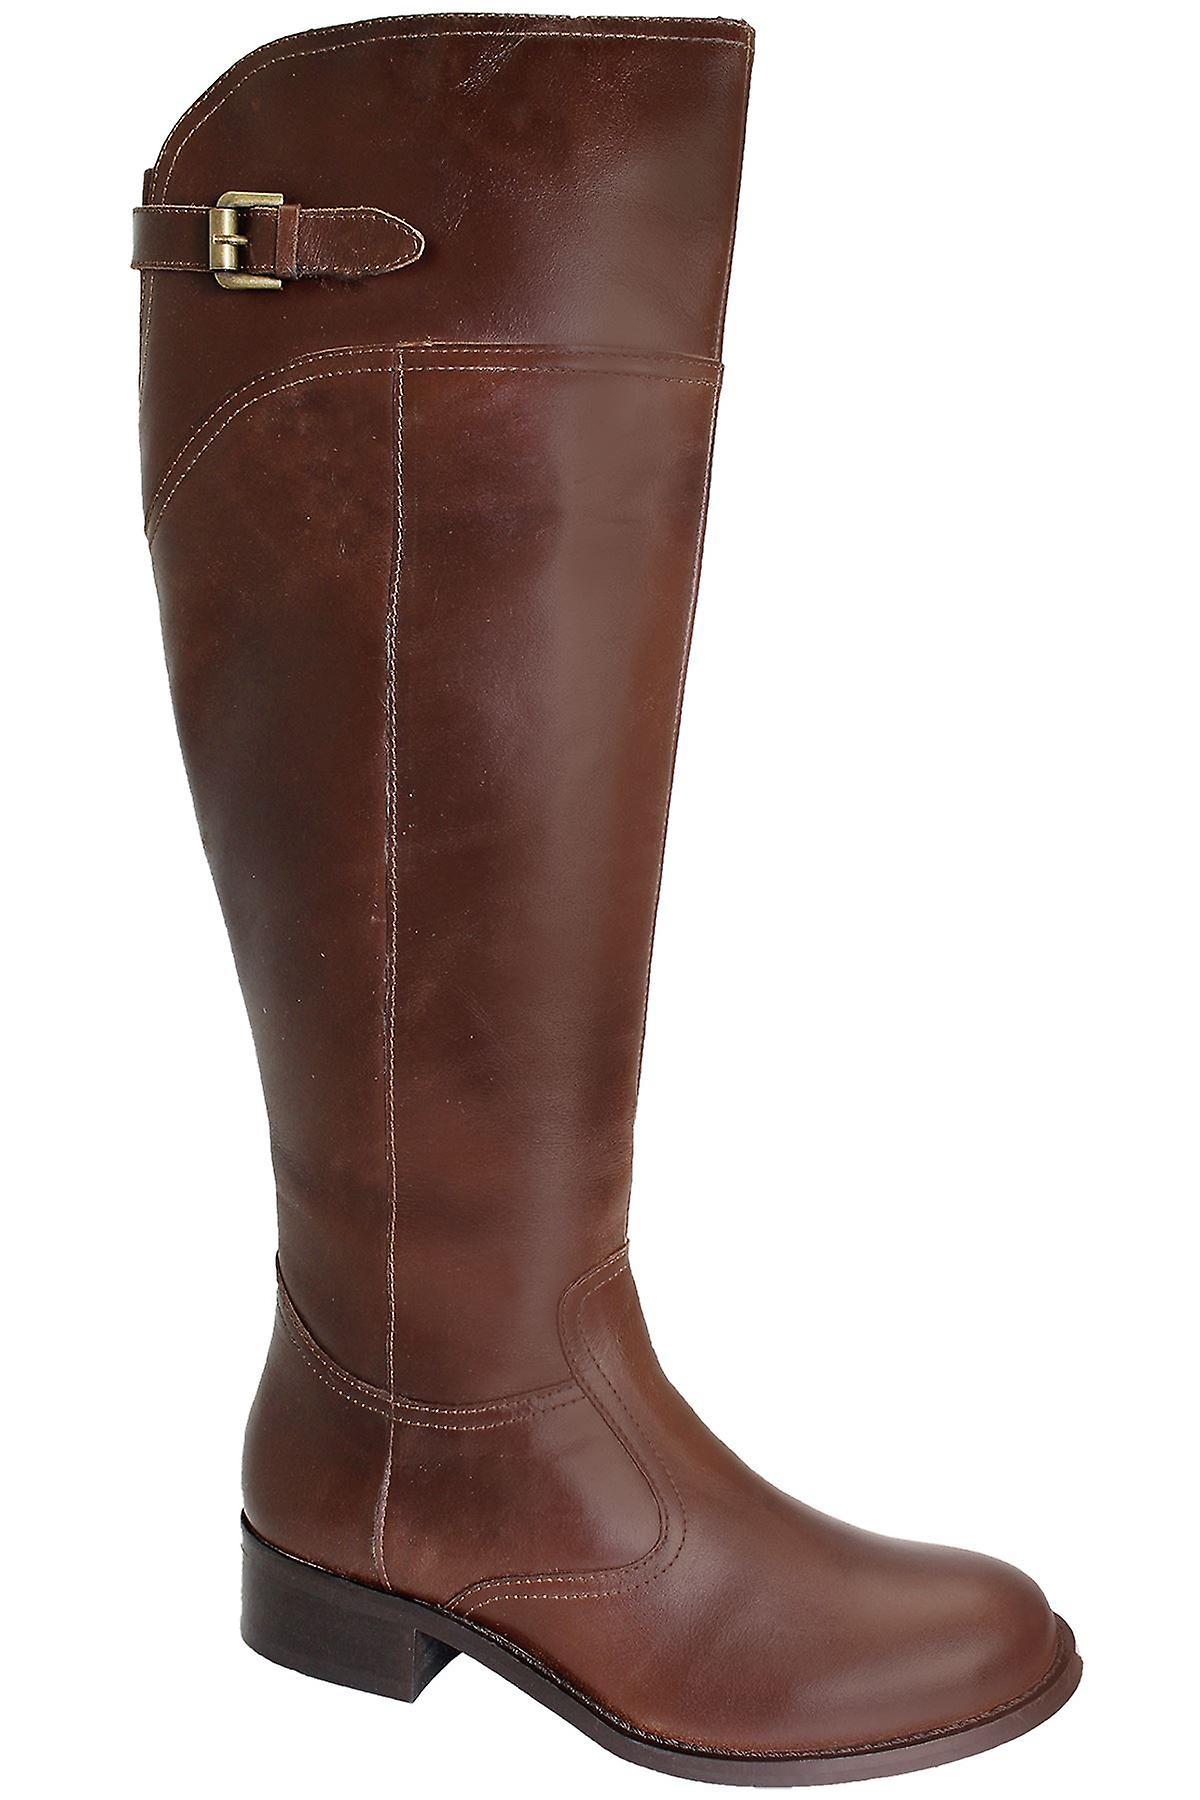 Hyvät polvisukat aitoa nahkaa naisten pieni kantapää Ratsastus tyyli kengät